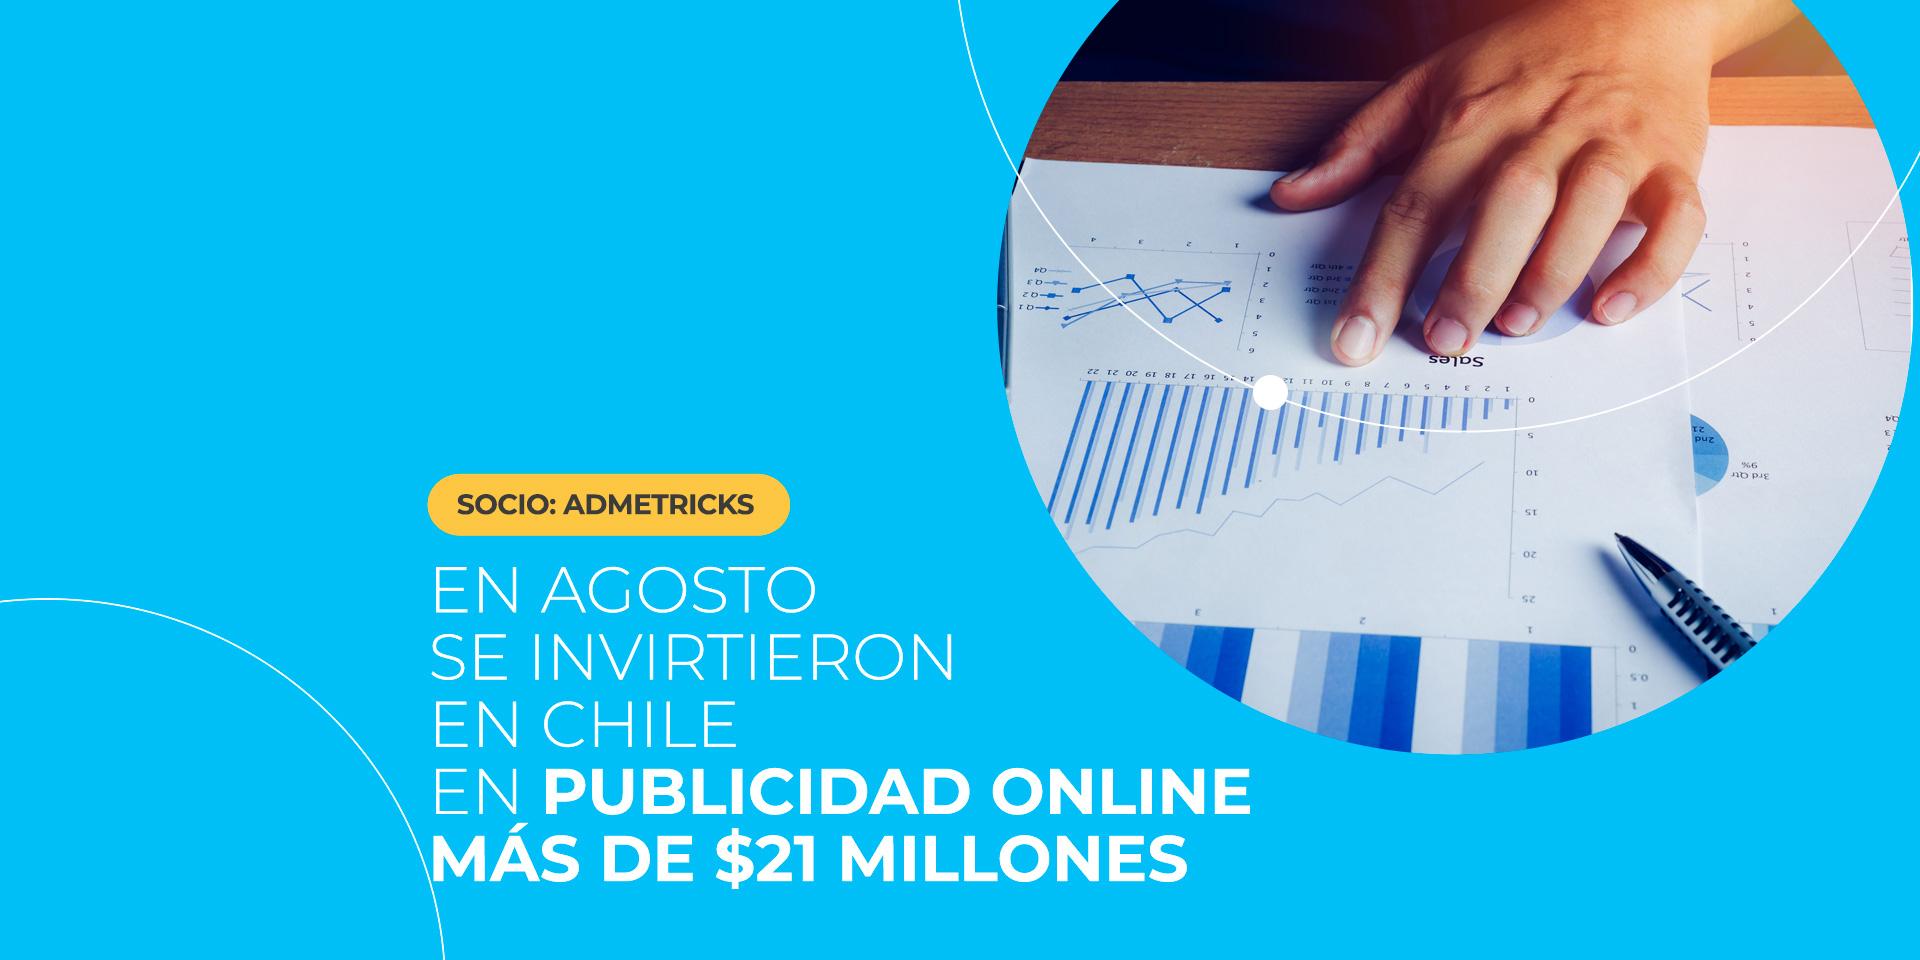 Ademtricks_reporte inversion publicitaria agosto